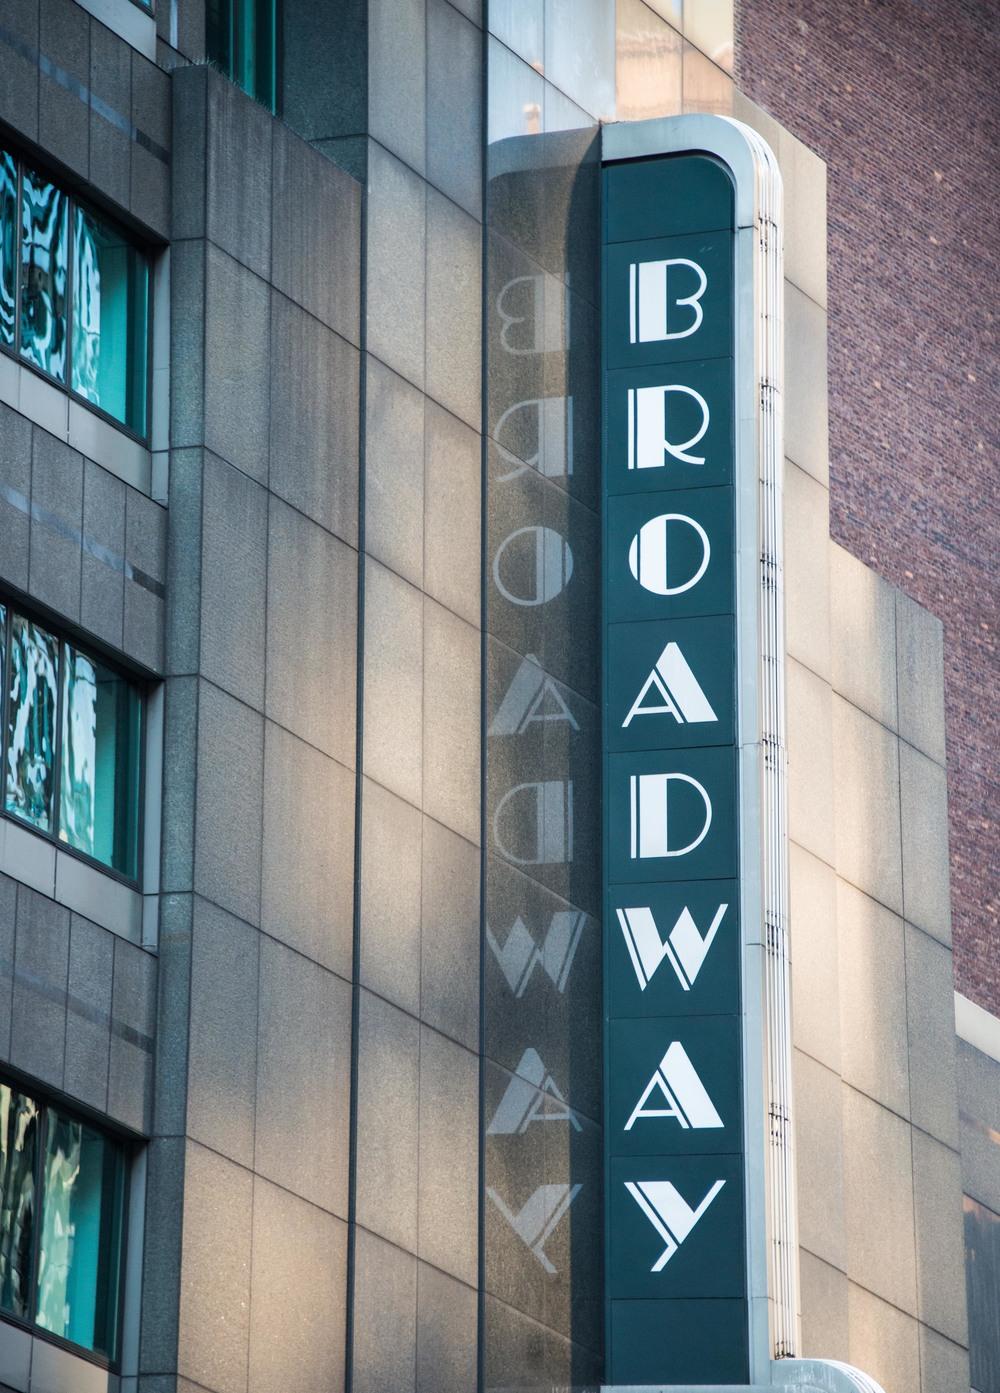 Brodway (1 of 1).jpg